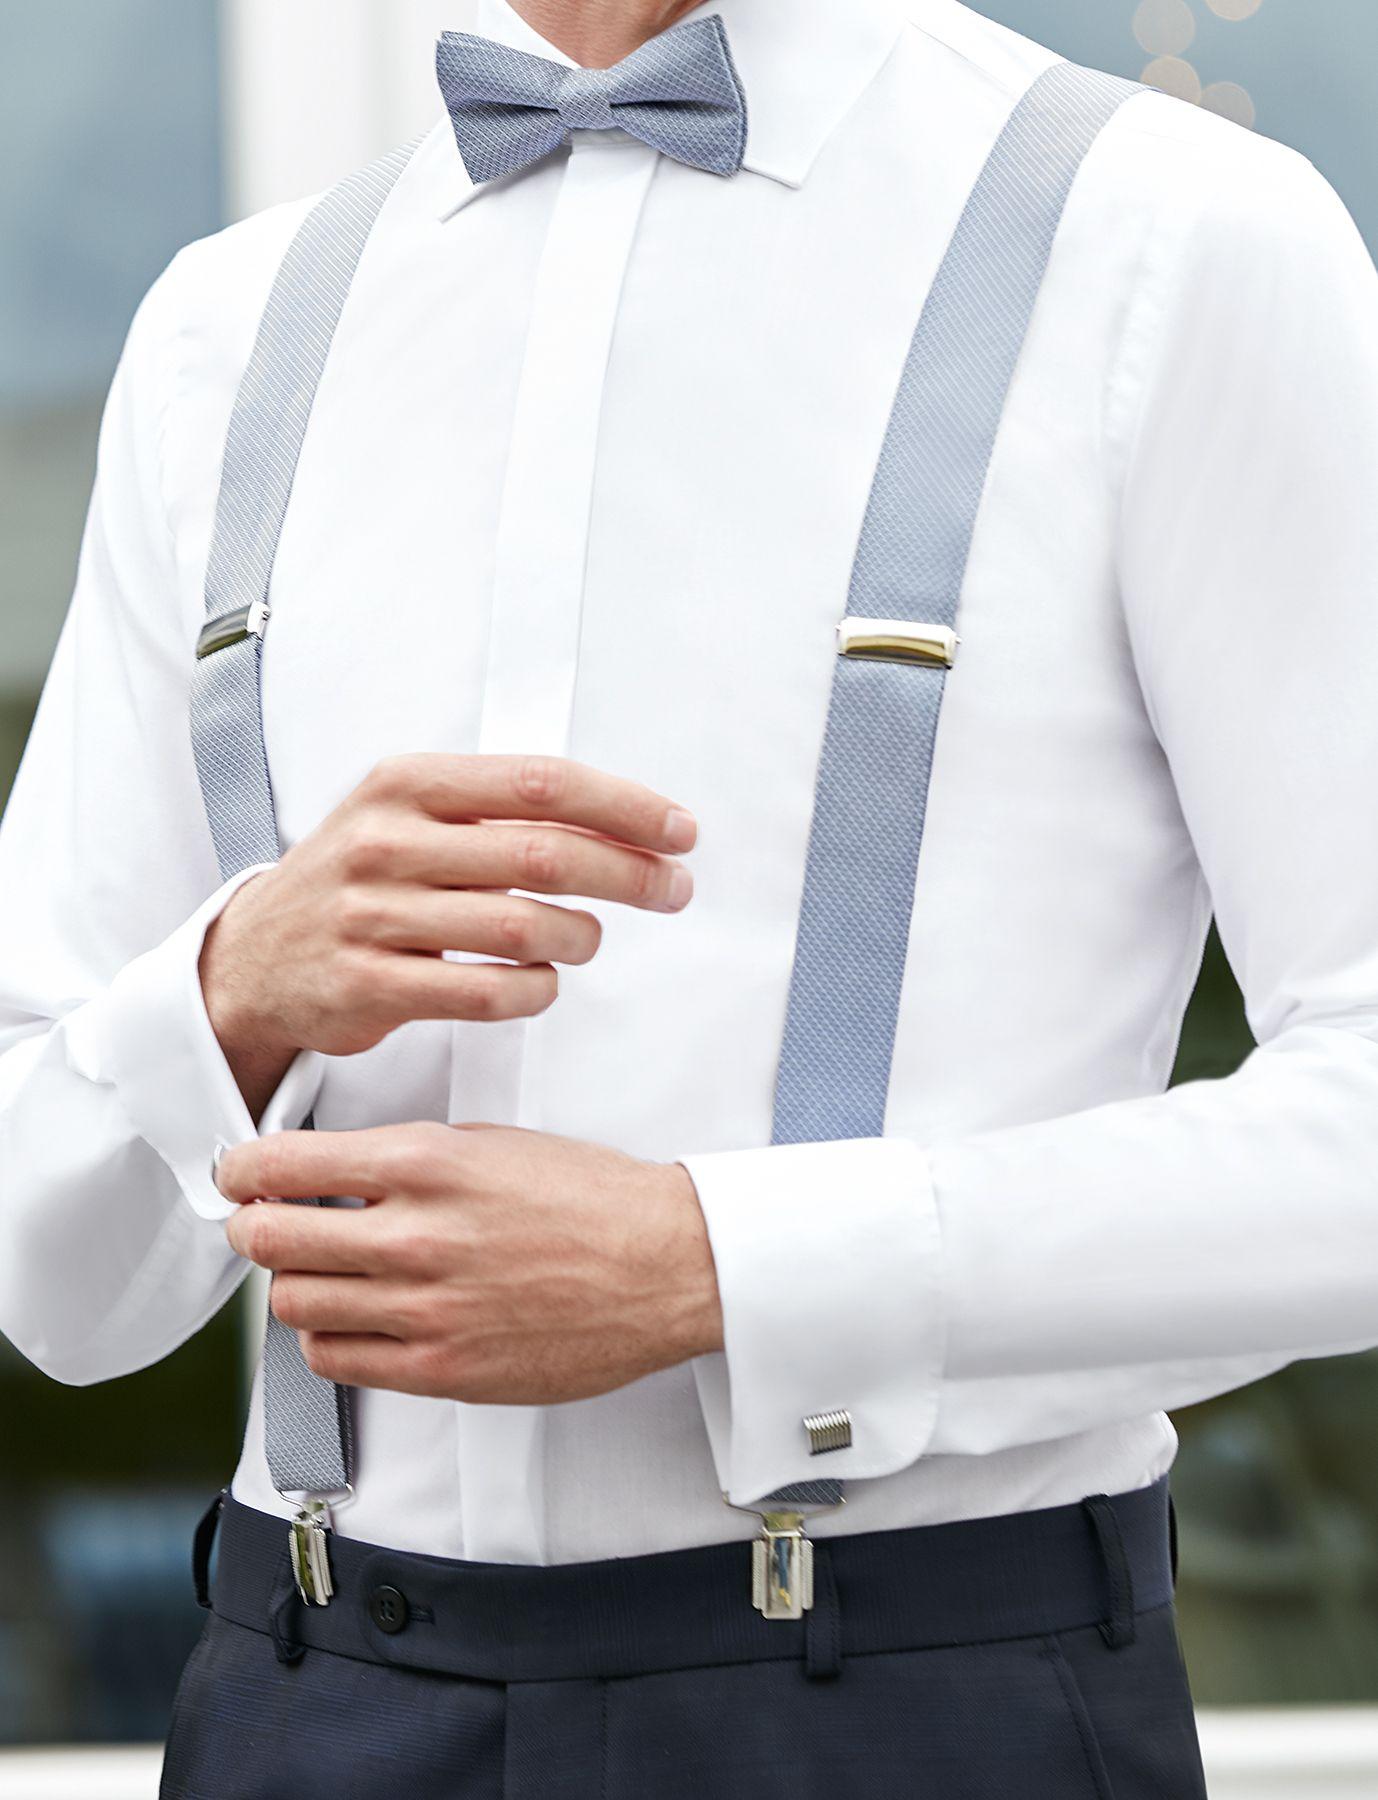 Sinchos  sinchos   Hochzeit brutigam anzge Anzug